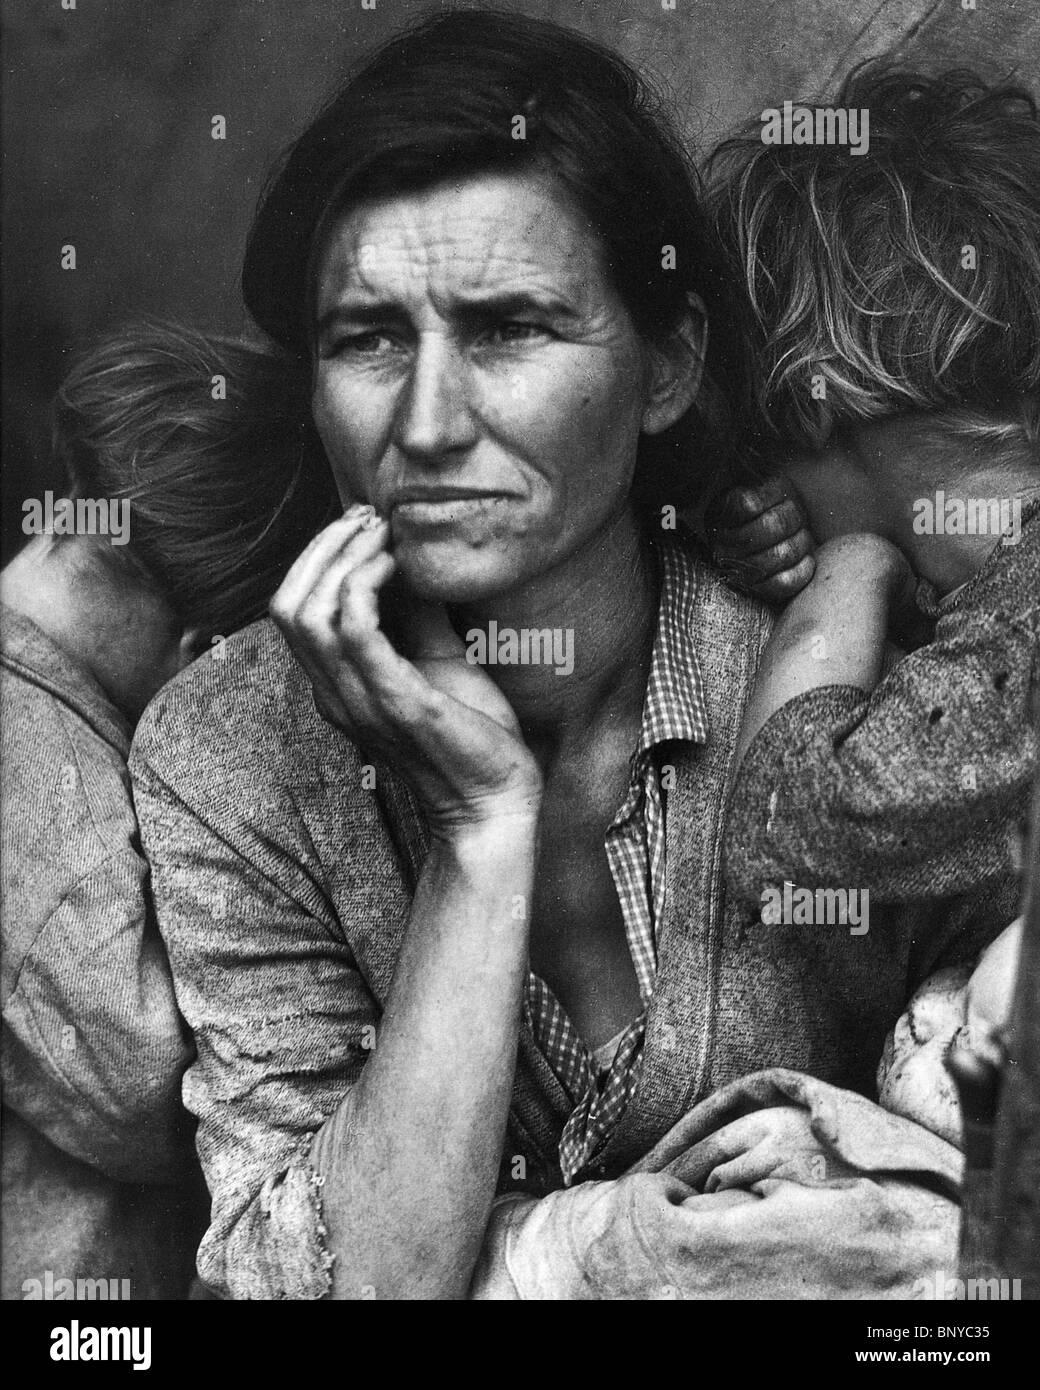 MIGRANT MOTHER - Dorothea Lange iconici foto scattata durante la Depressione Americana nel 1936 - vedere la descrizione Immagini Stock